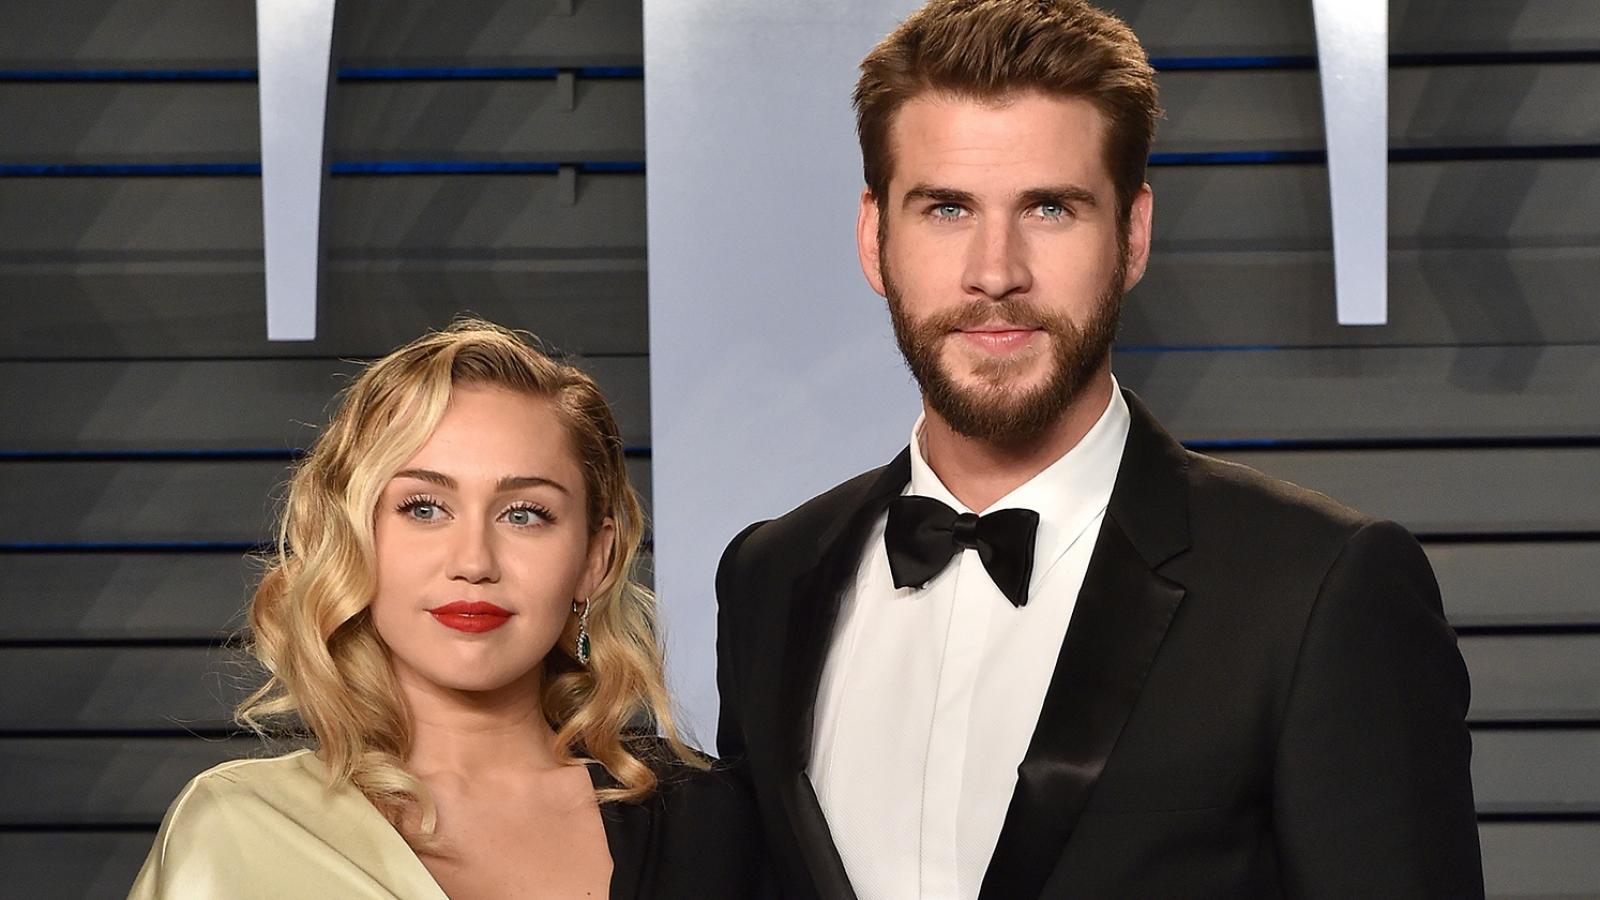 Miley Cyrus lần đầu nói về nỗi đau khi chia tay Liam Hemsworth